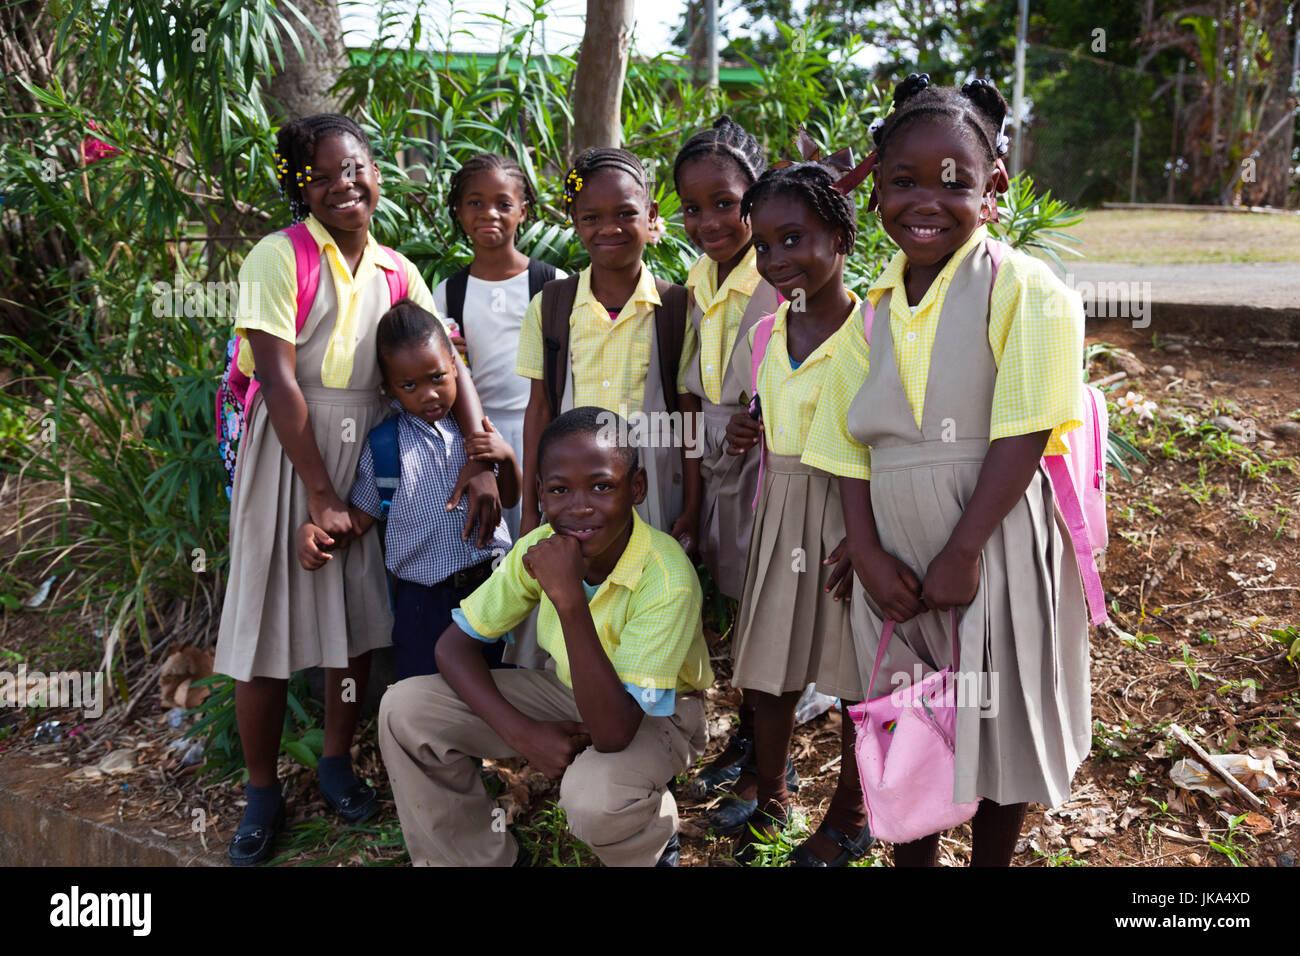 Dominica, Wesley, schoolchildren, NR - Stock Image